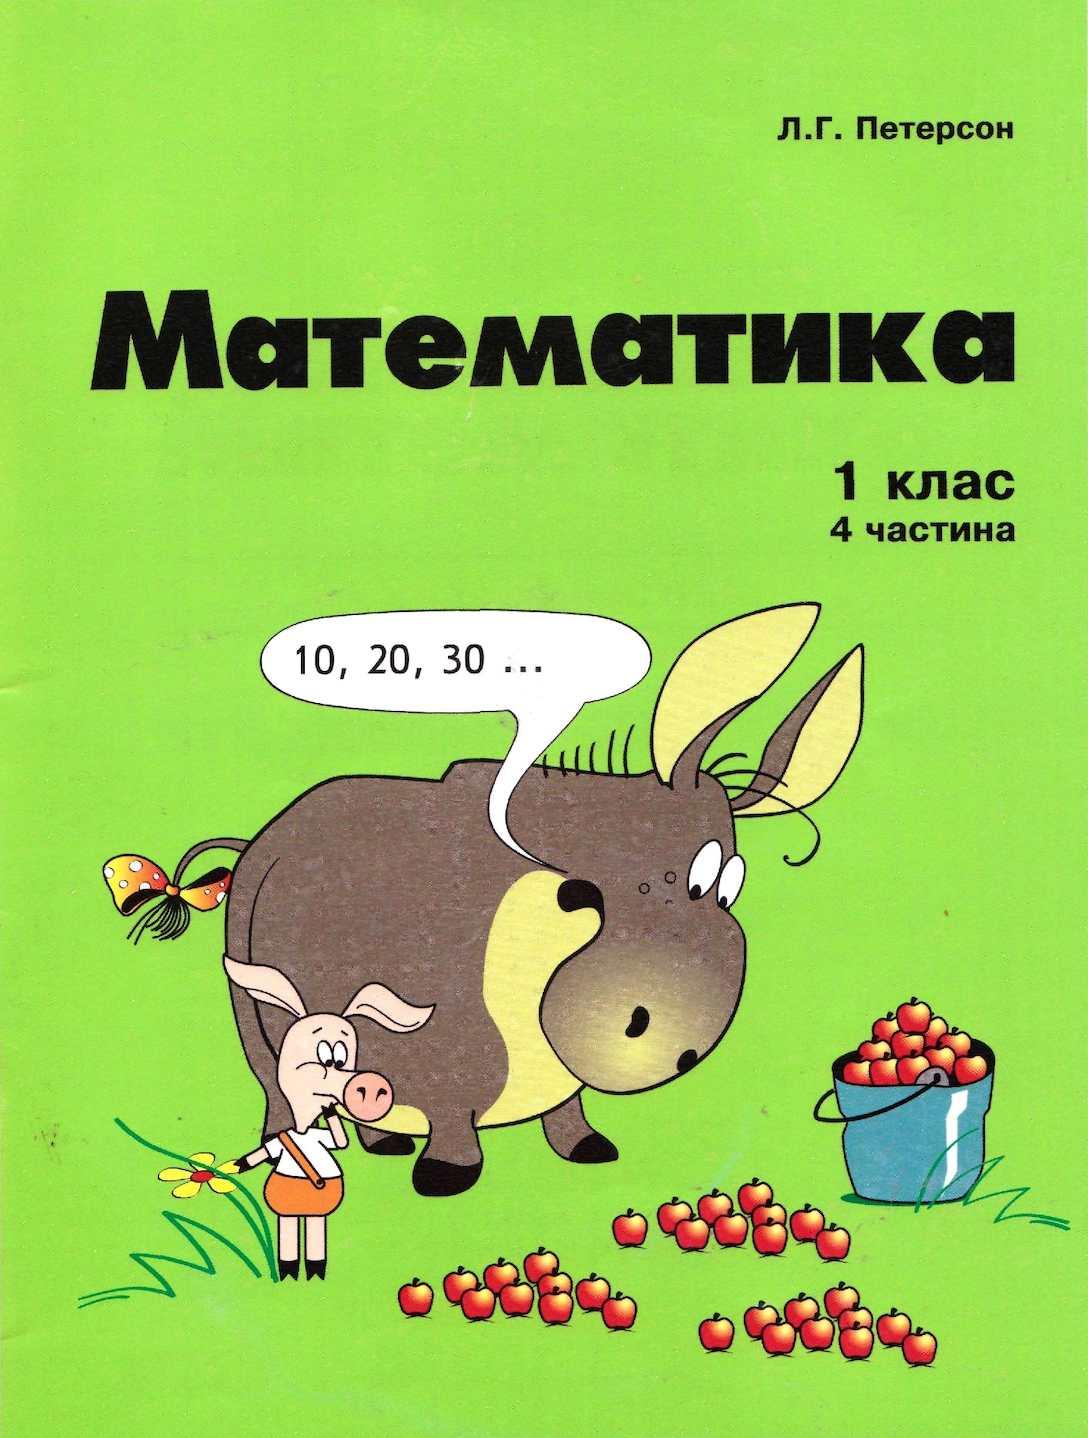 Математика 1 Петерсон_4